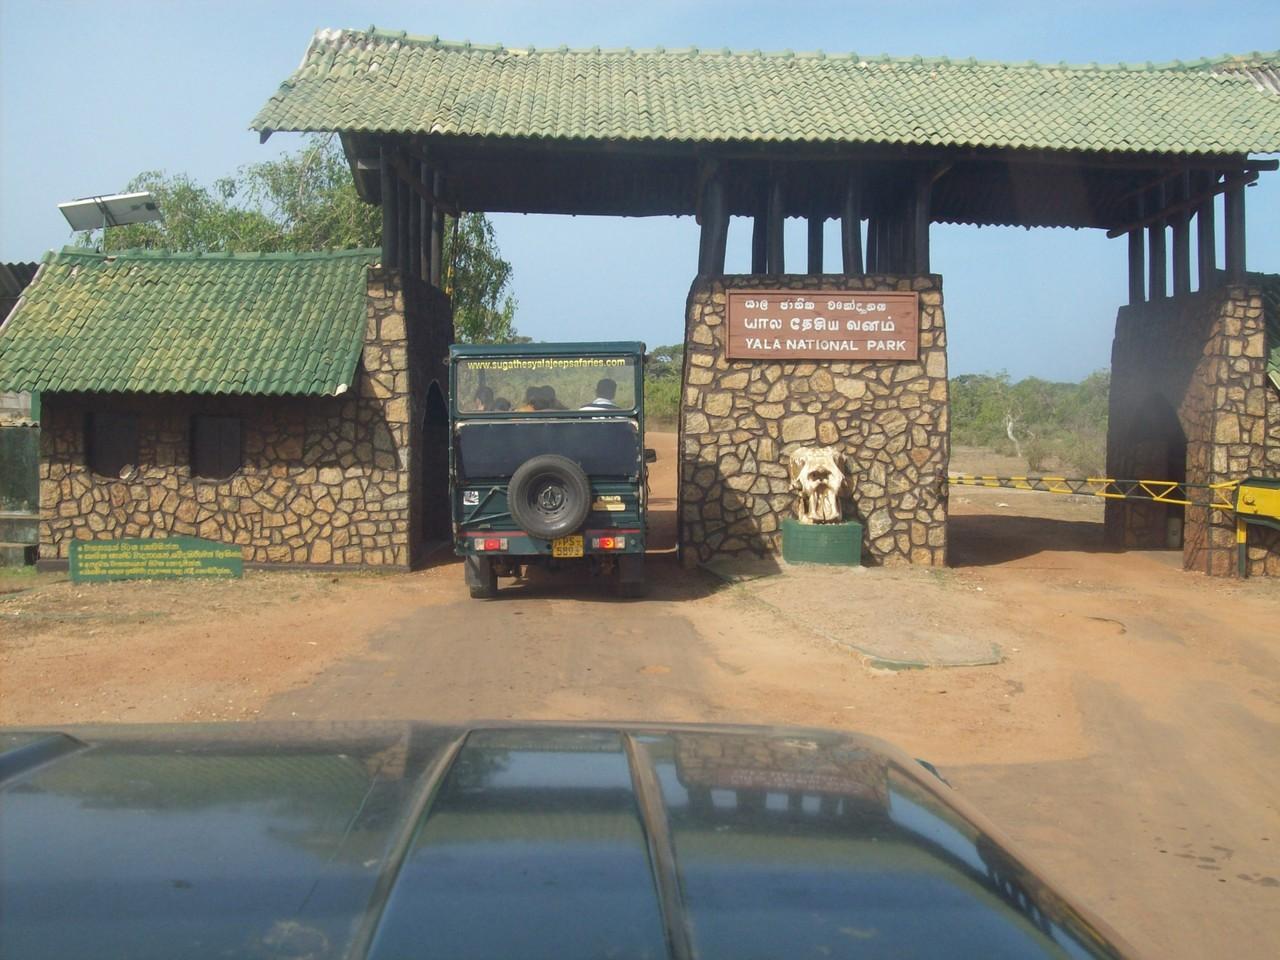 Eingang zum Yala Nationalpark